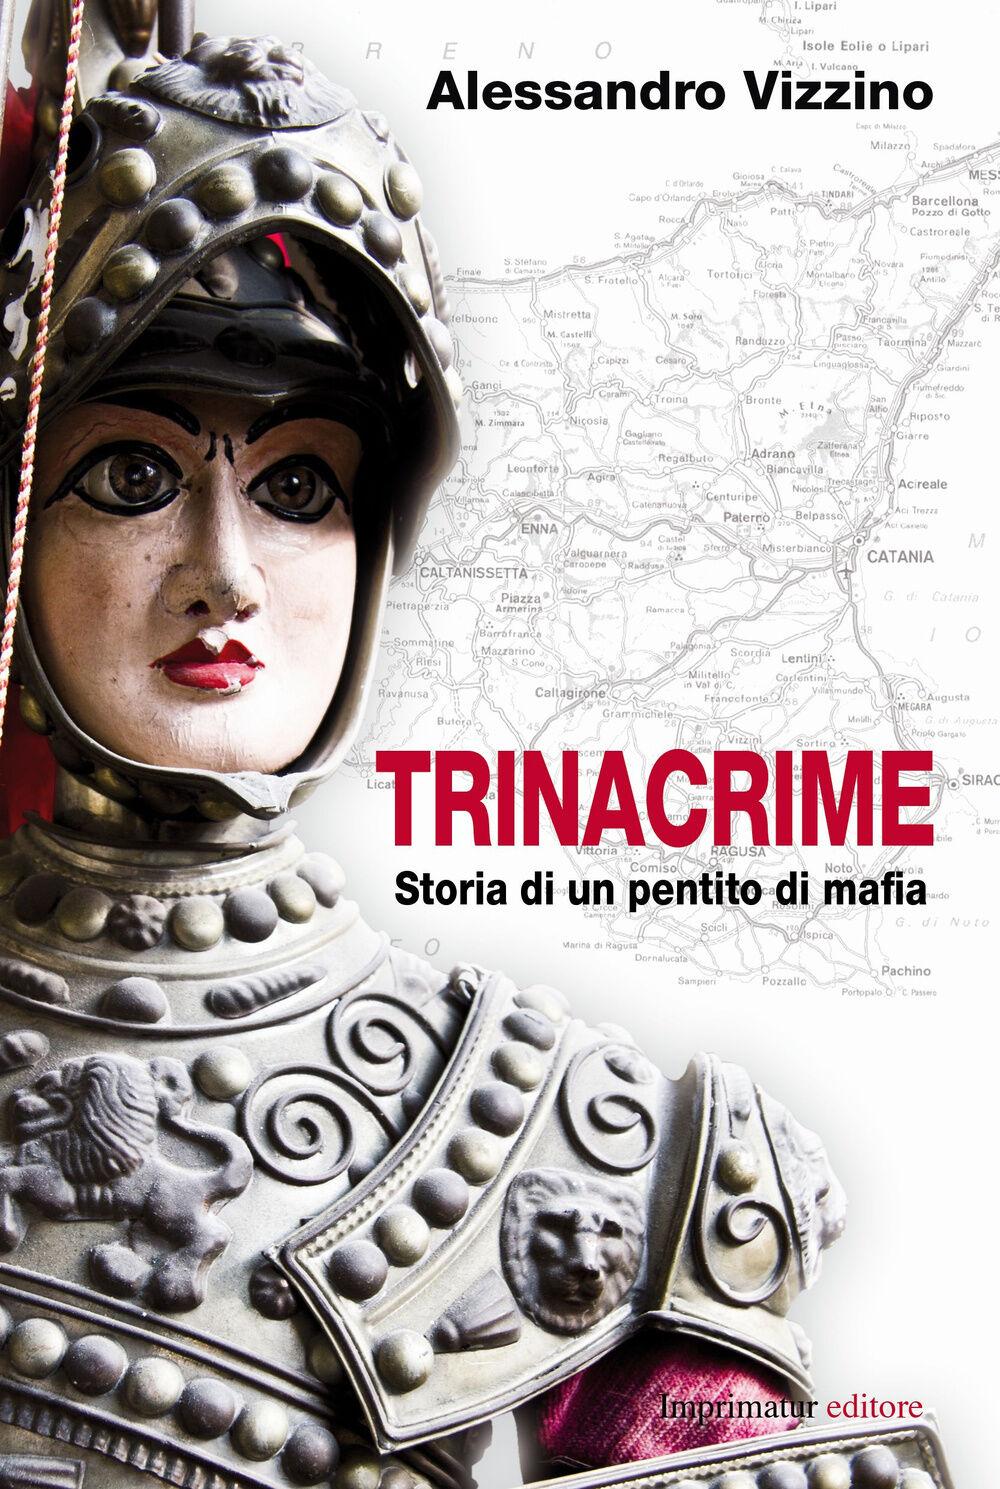 Trinacrime. Storia narrata di un pentito di mafia